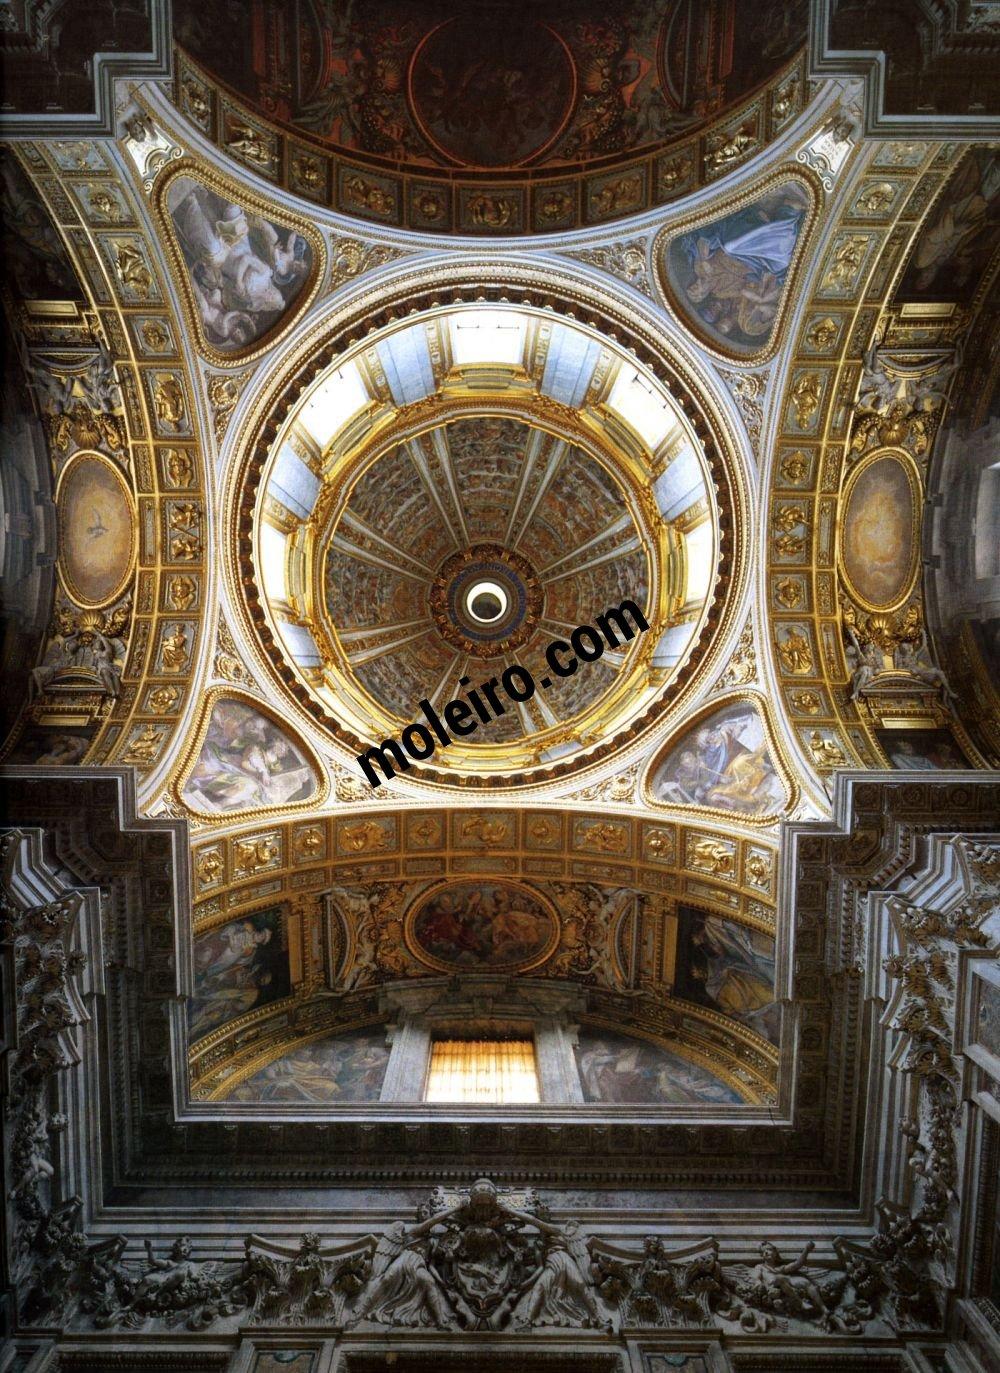 Iglesias de Roma Basilique de Sainte Marie Majeure, chapelle Sixtine et sa coupole, Vème siècle.